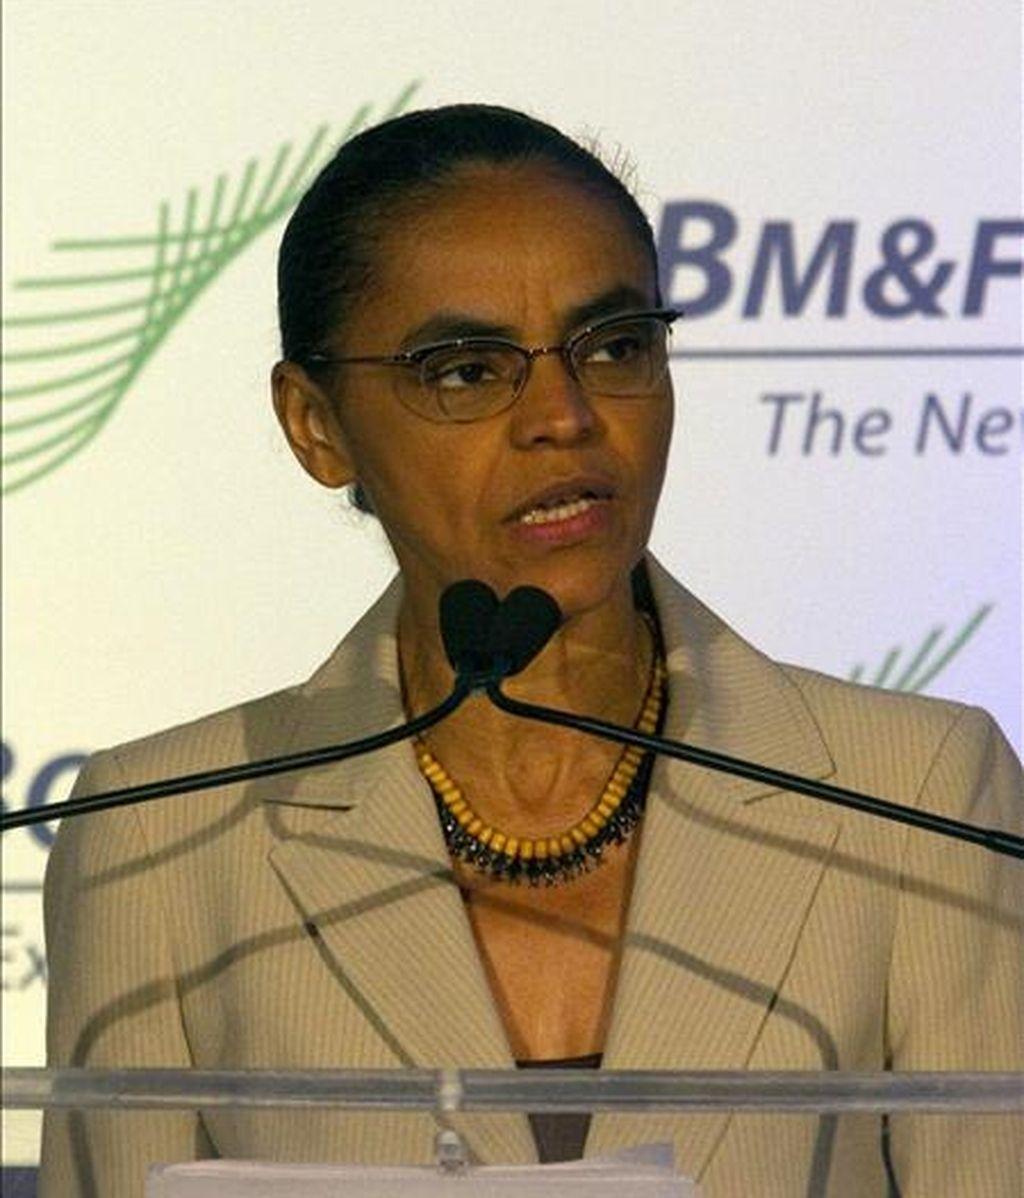 La senadora y candidata a la presidencia de Brasil, Marina Silva, pronuncia un discurso sobre su plataforma política frente a empresarios e inversores durante un almuerzo realizado en un hotel de Nueva York (EEUU). EFE